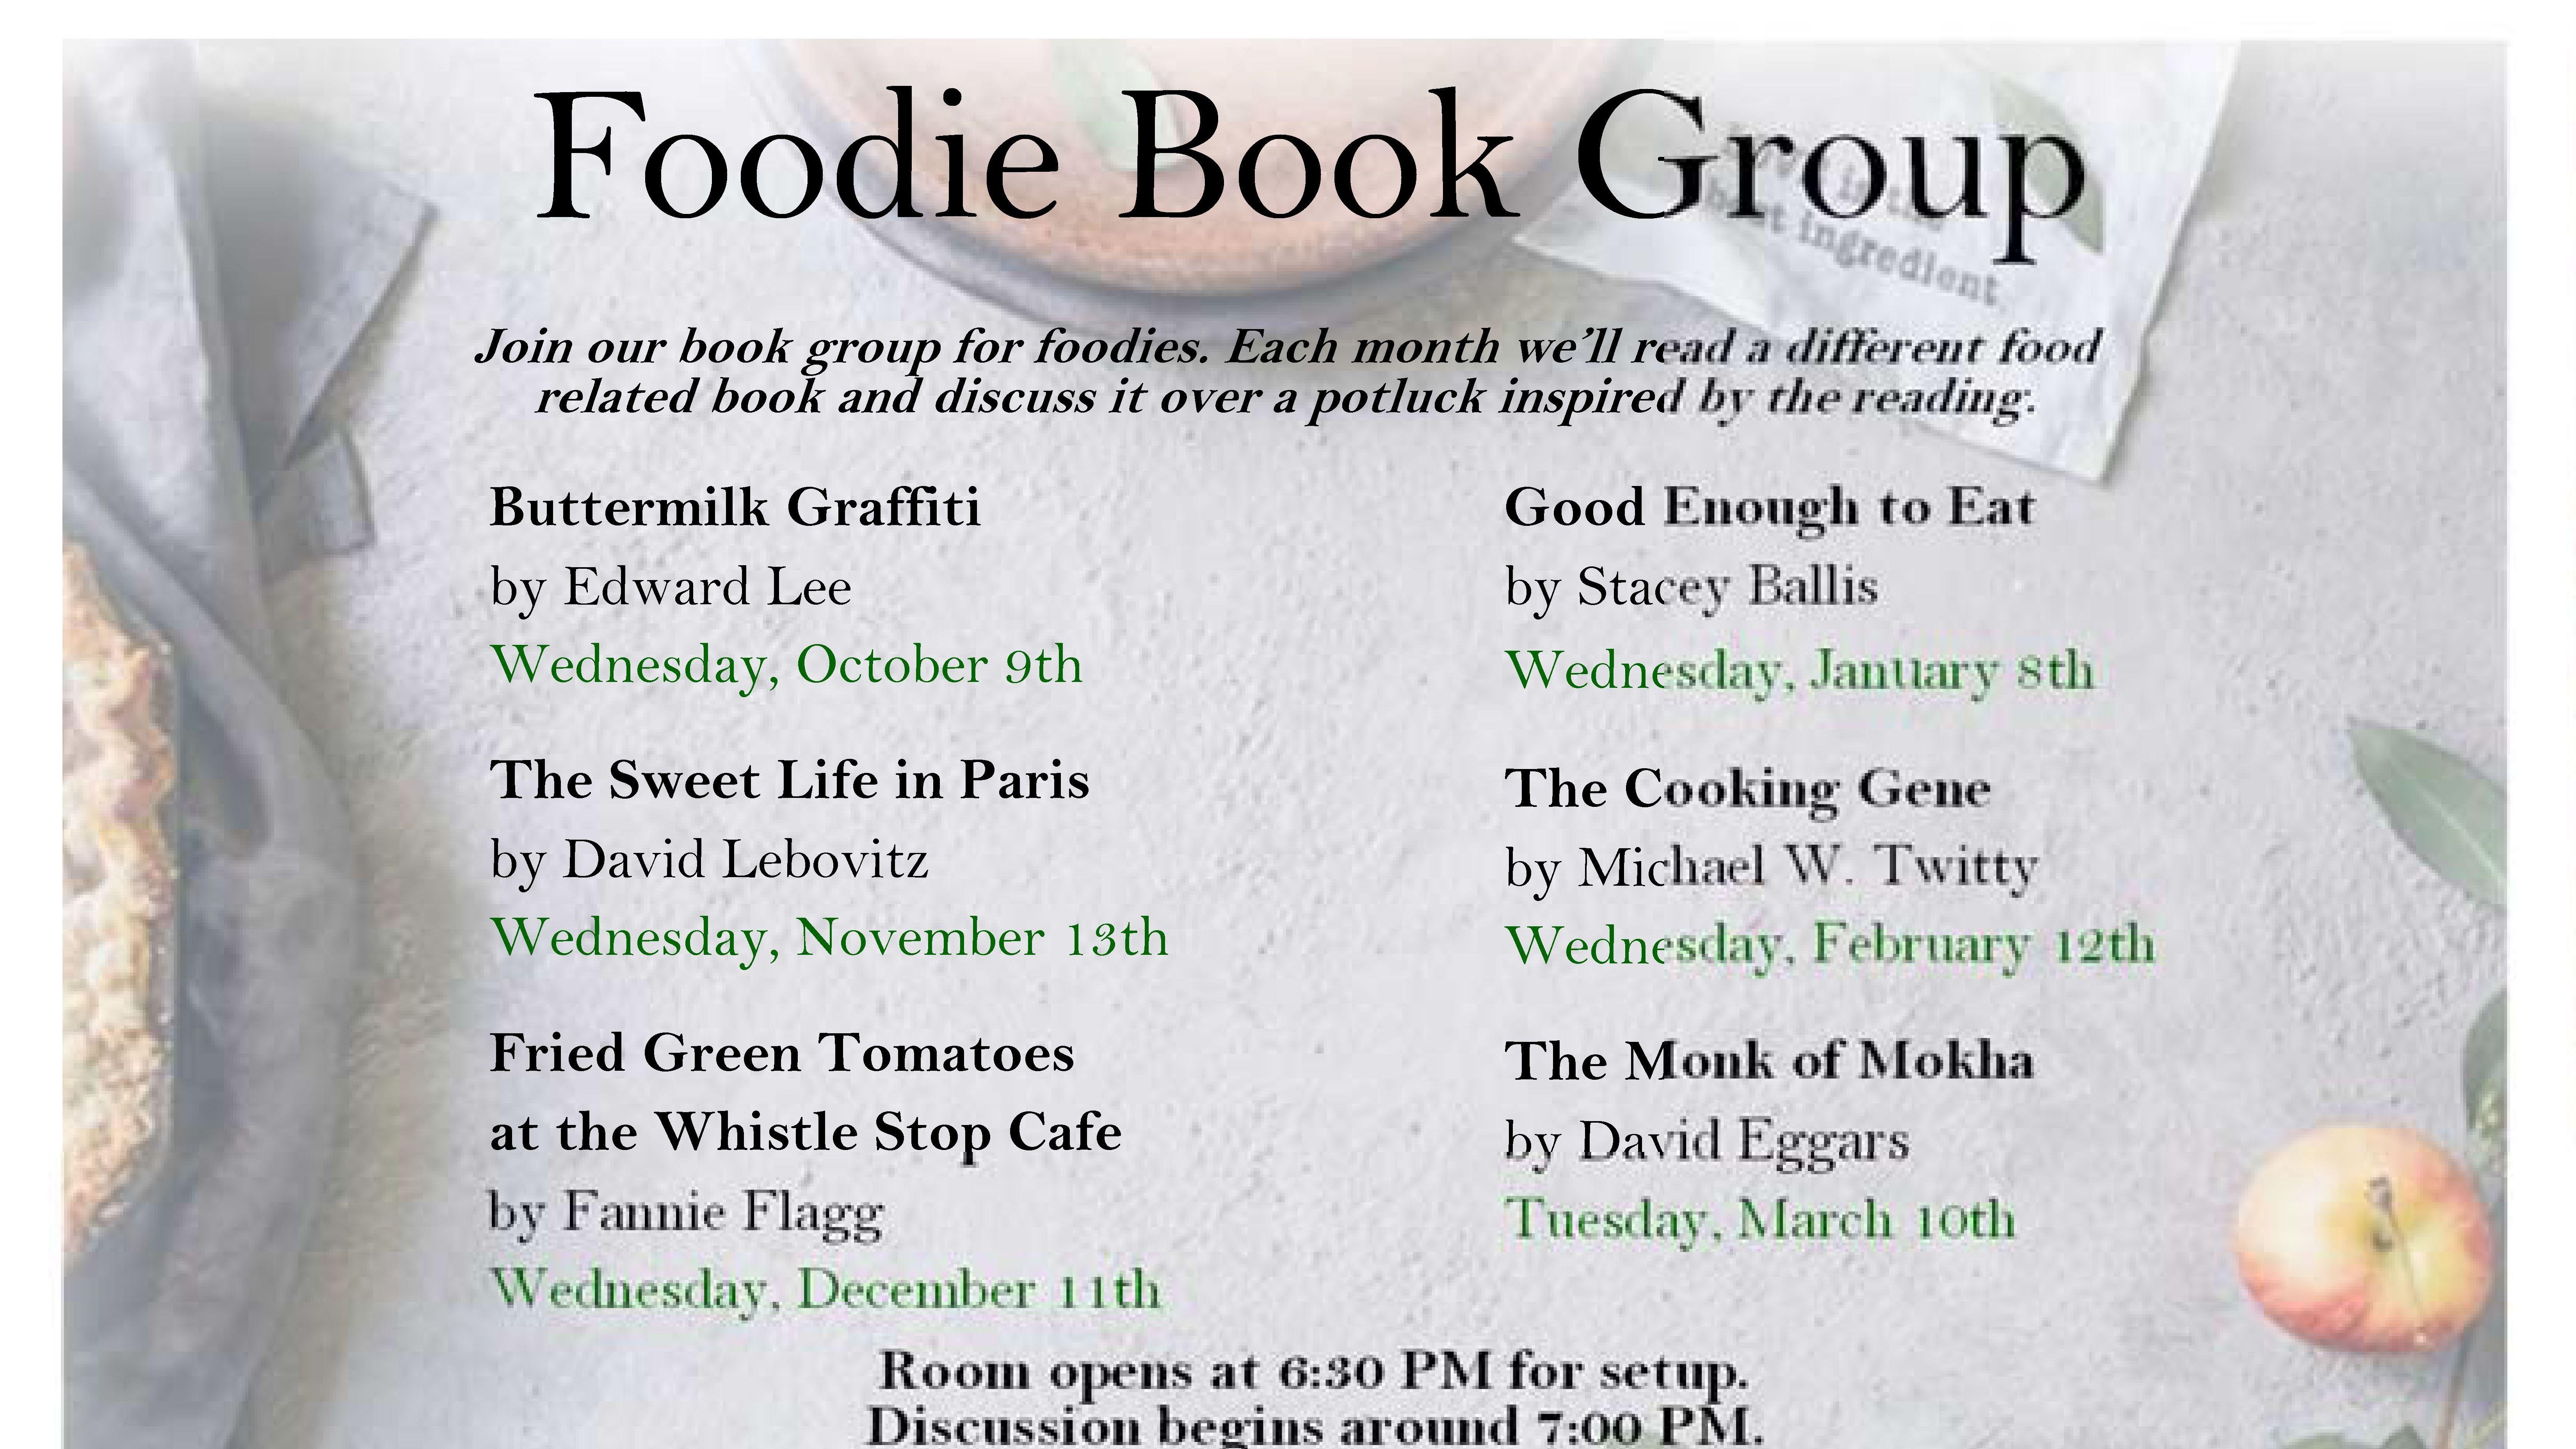 North End Foodie Book Club